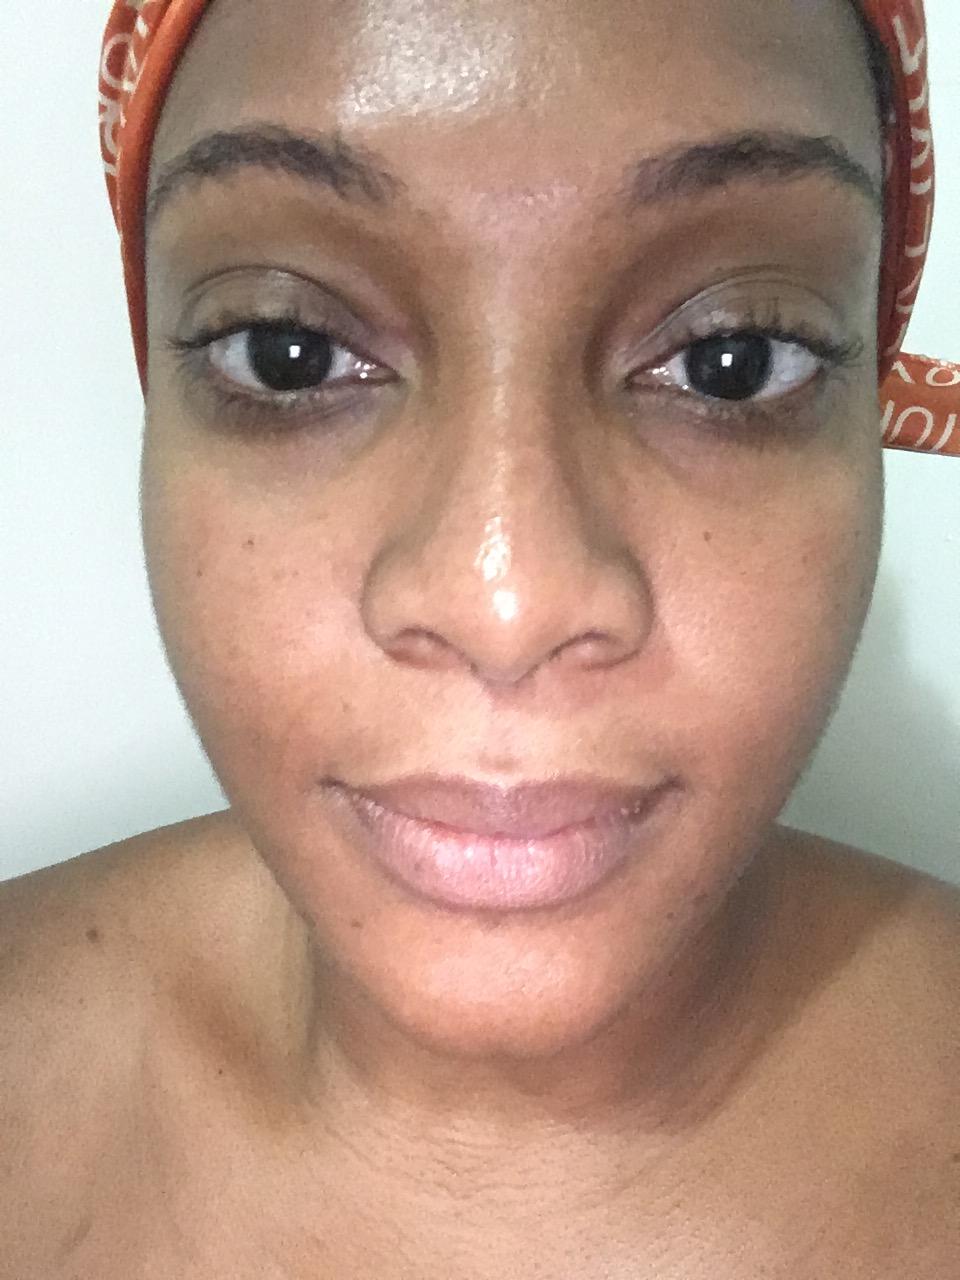 Danielle James - Laser Facial